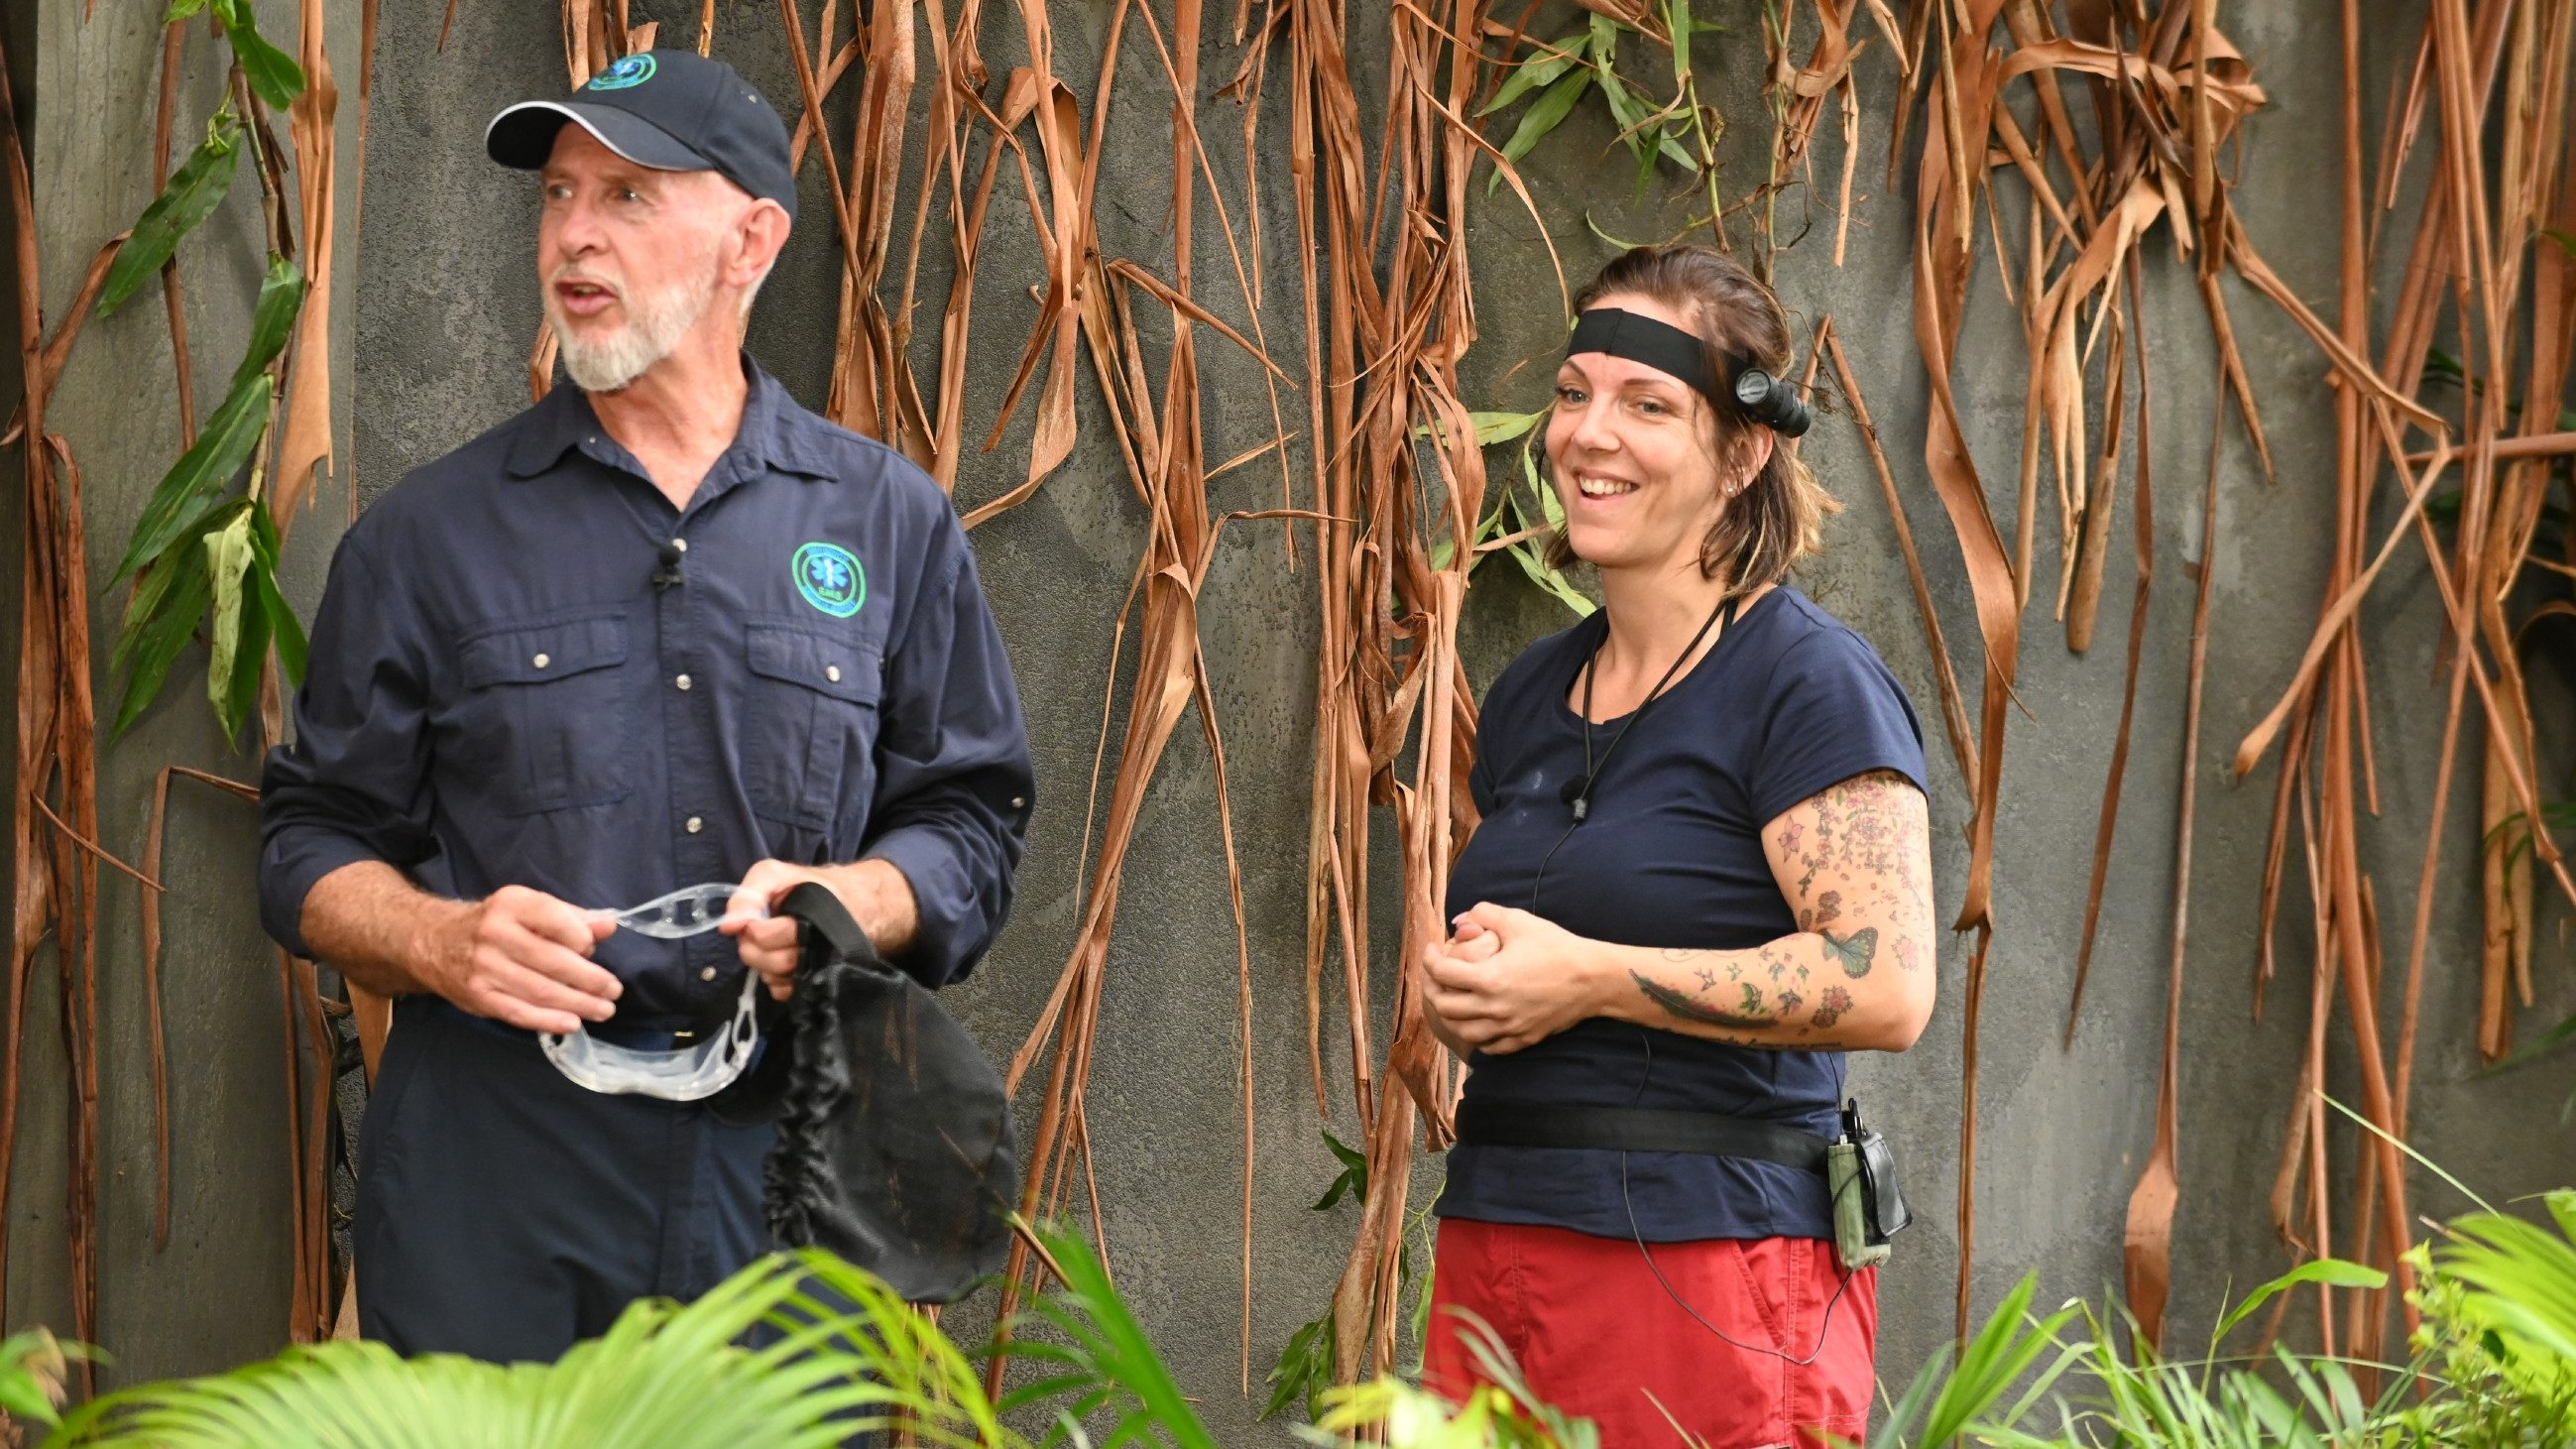 Dschungelcamp Die meisten Dschungelpruefungen